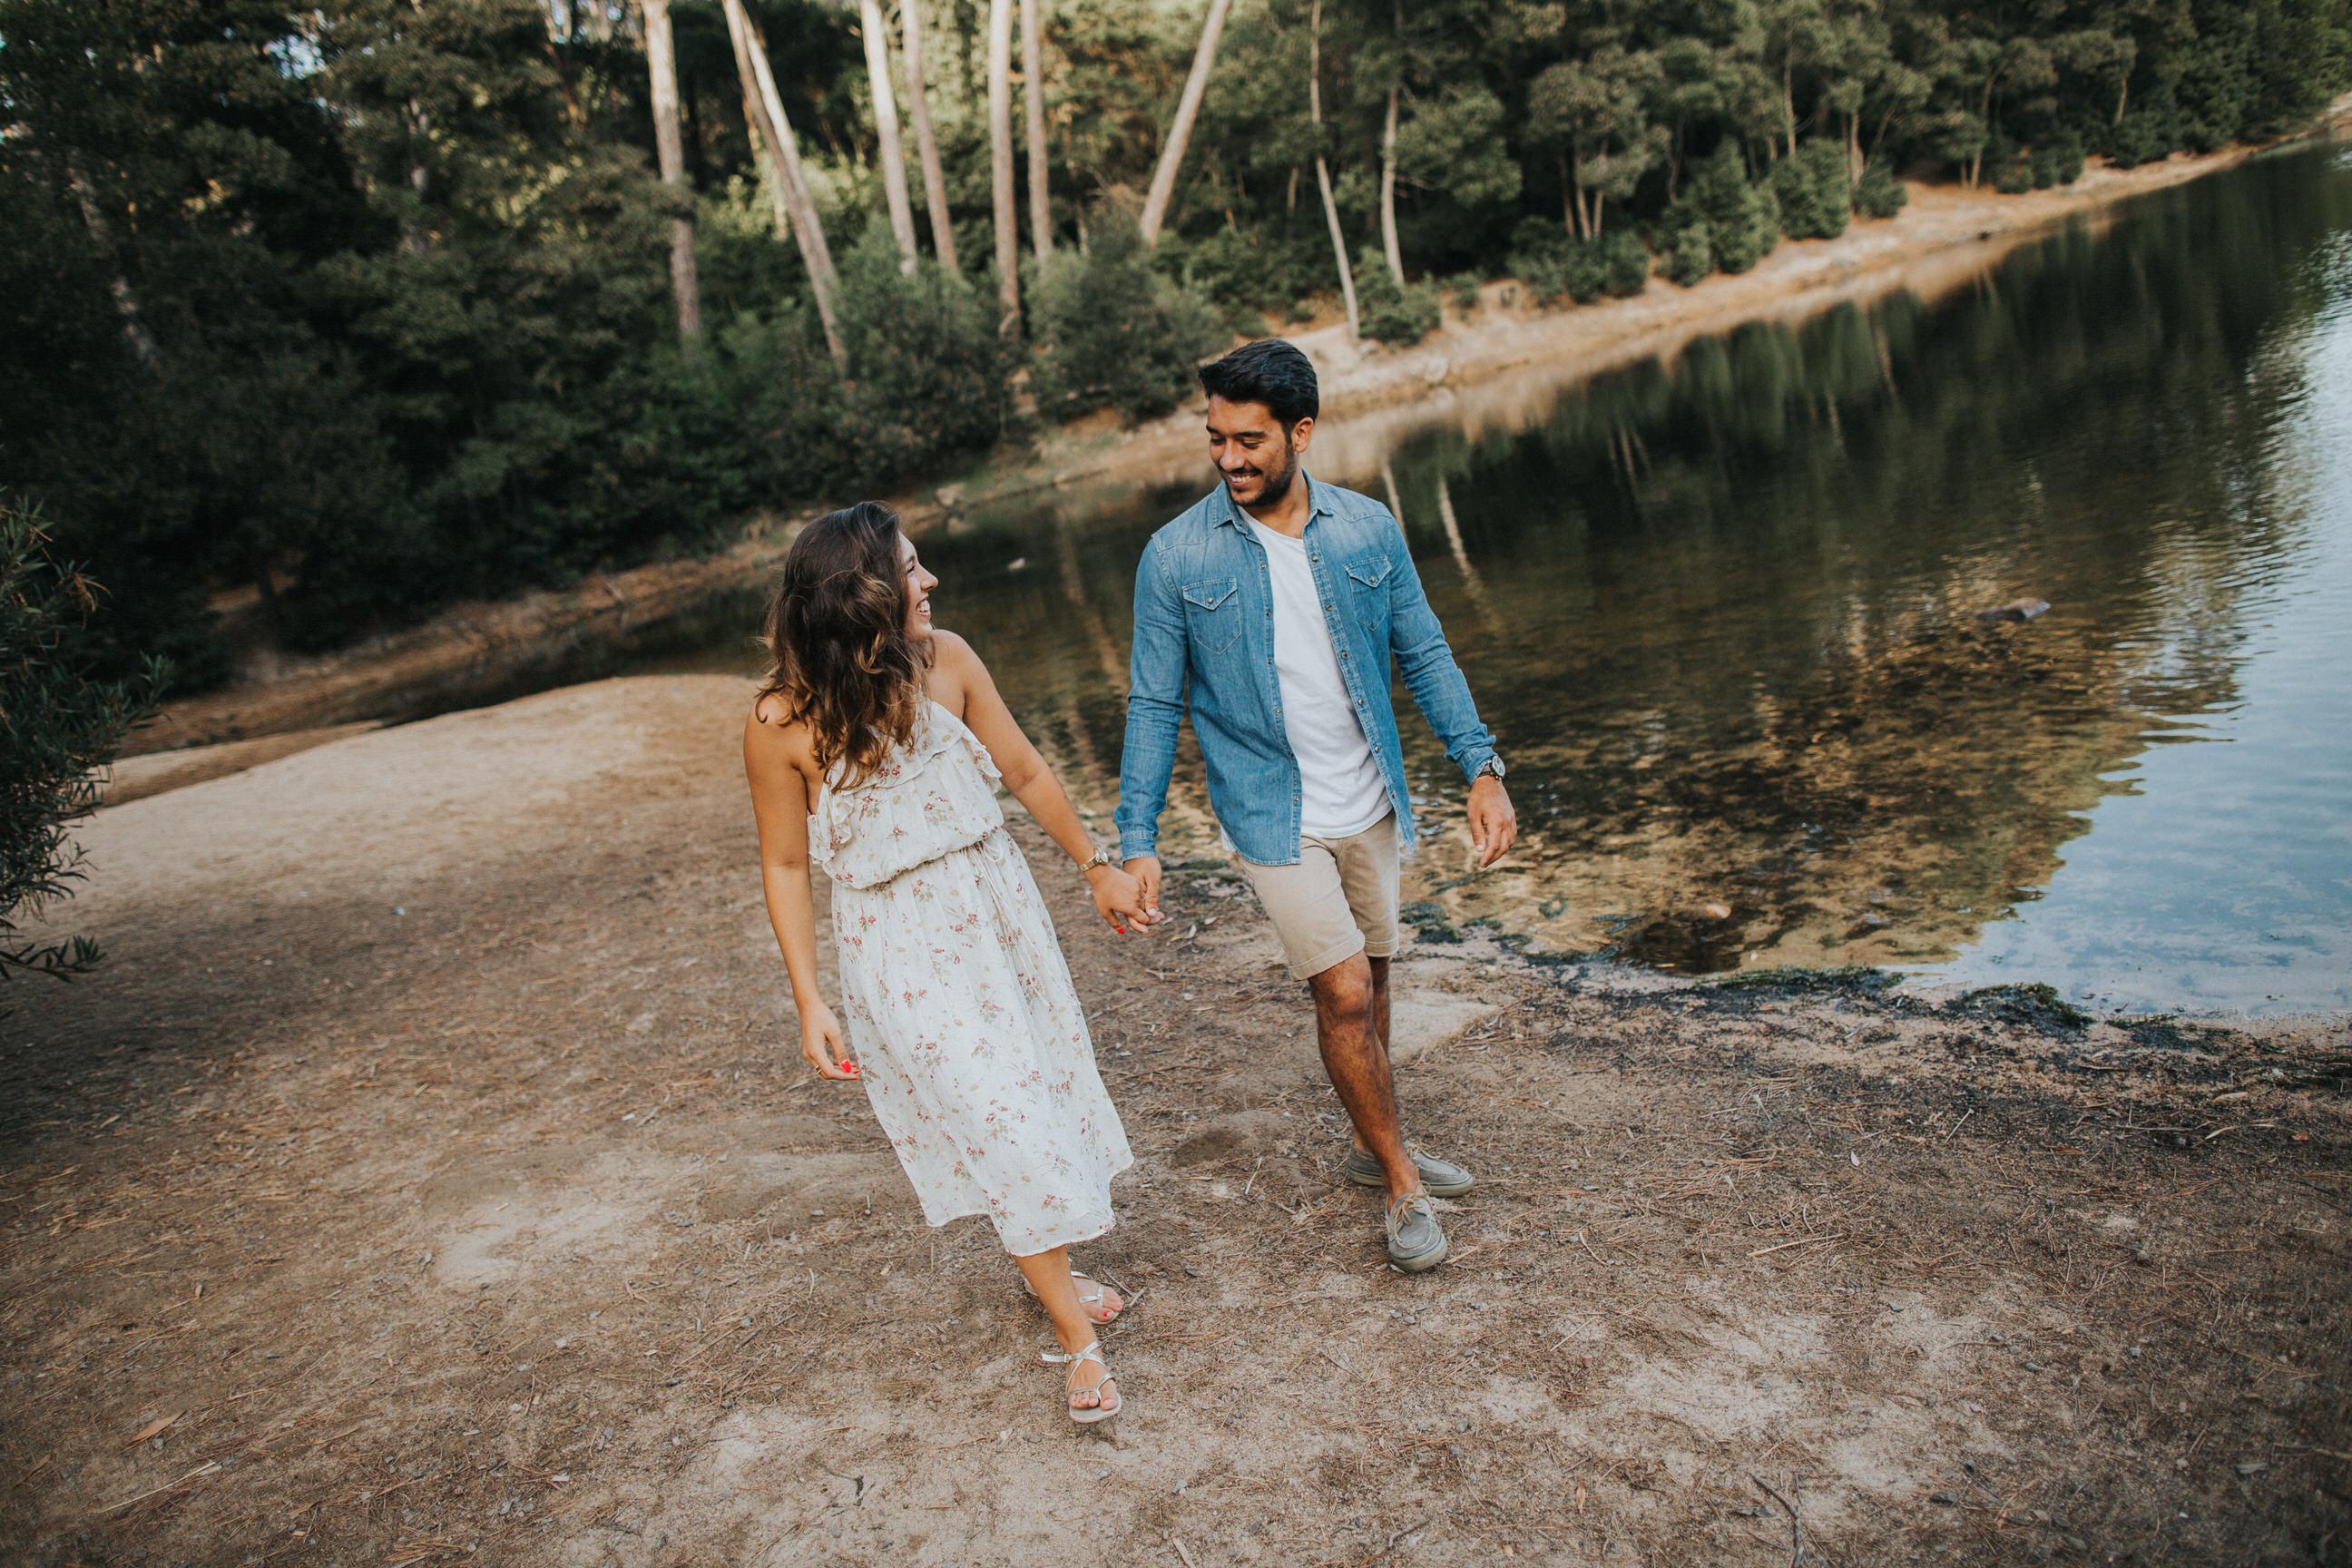 10 Cristiana&André-engagement-love-session-solteiros-noivado-foto-natural-Filipe-Santiago-Fotografia-Lisboa-Sintra-Mafra-Malveira-Torres-Vedras-Fotografos-preços